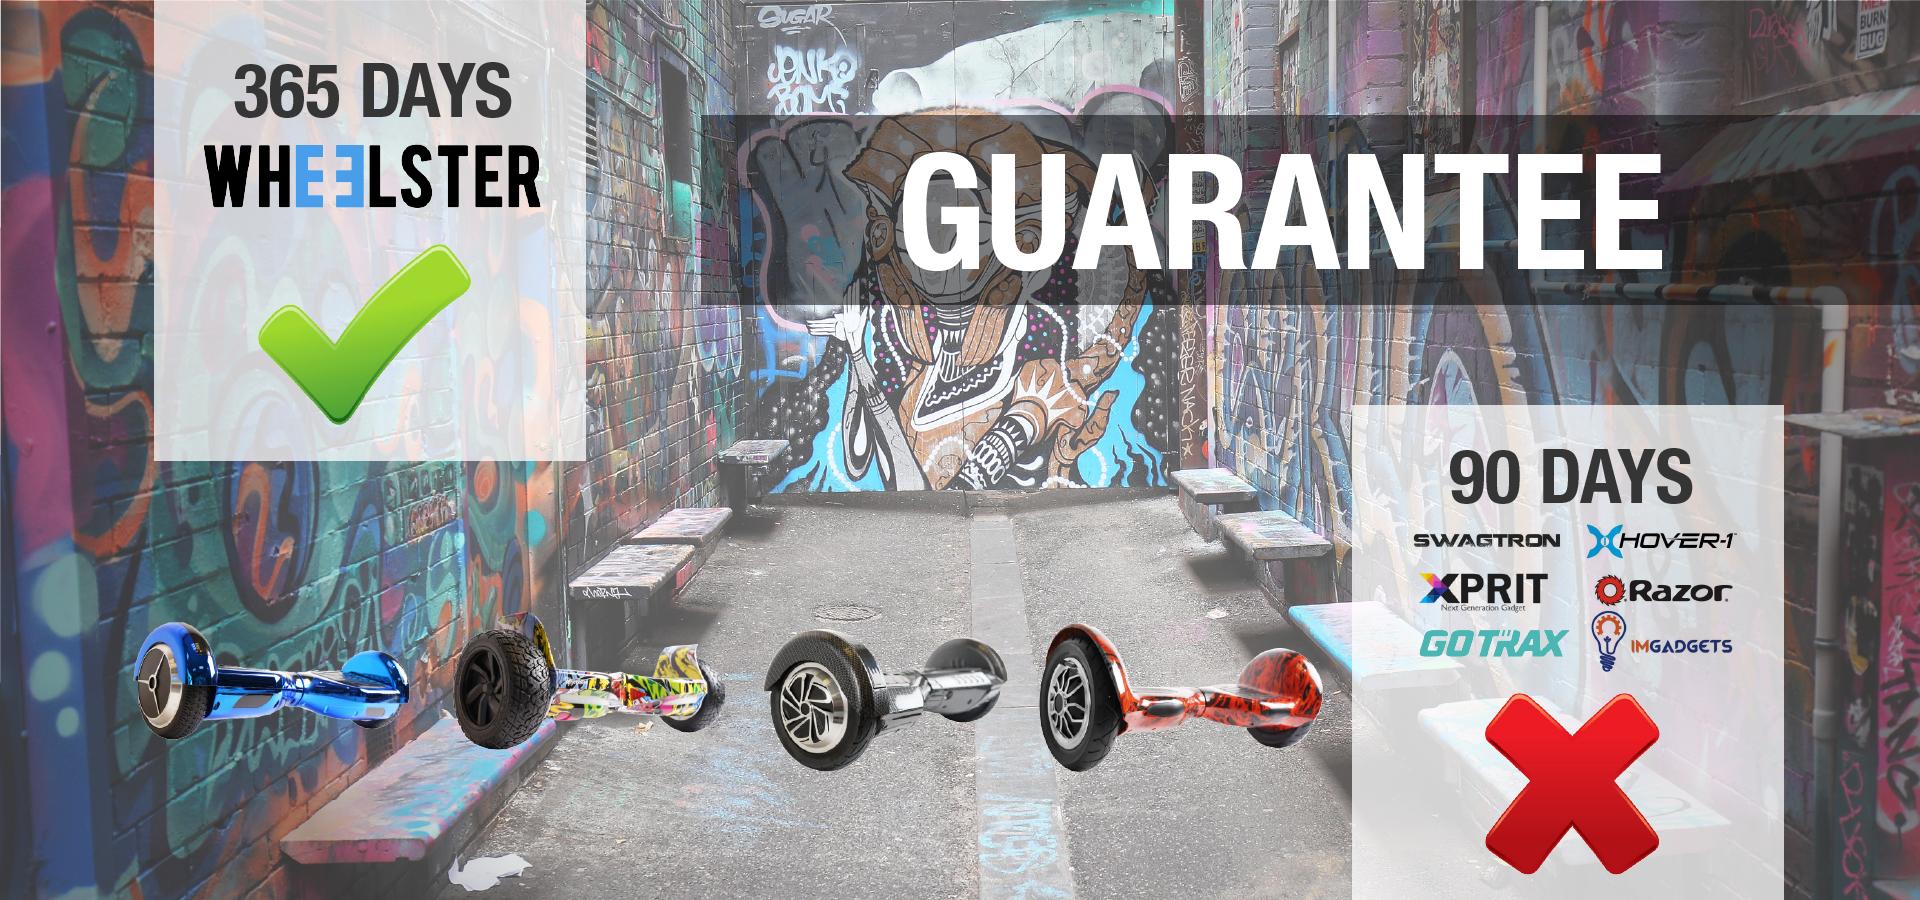 hoverboard-warranty-canada.jpg